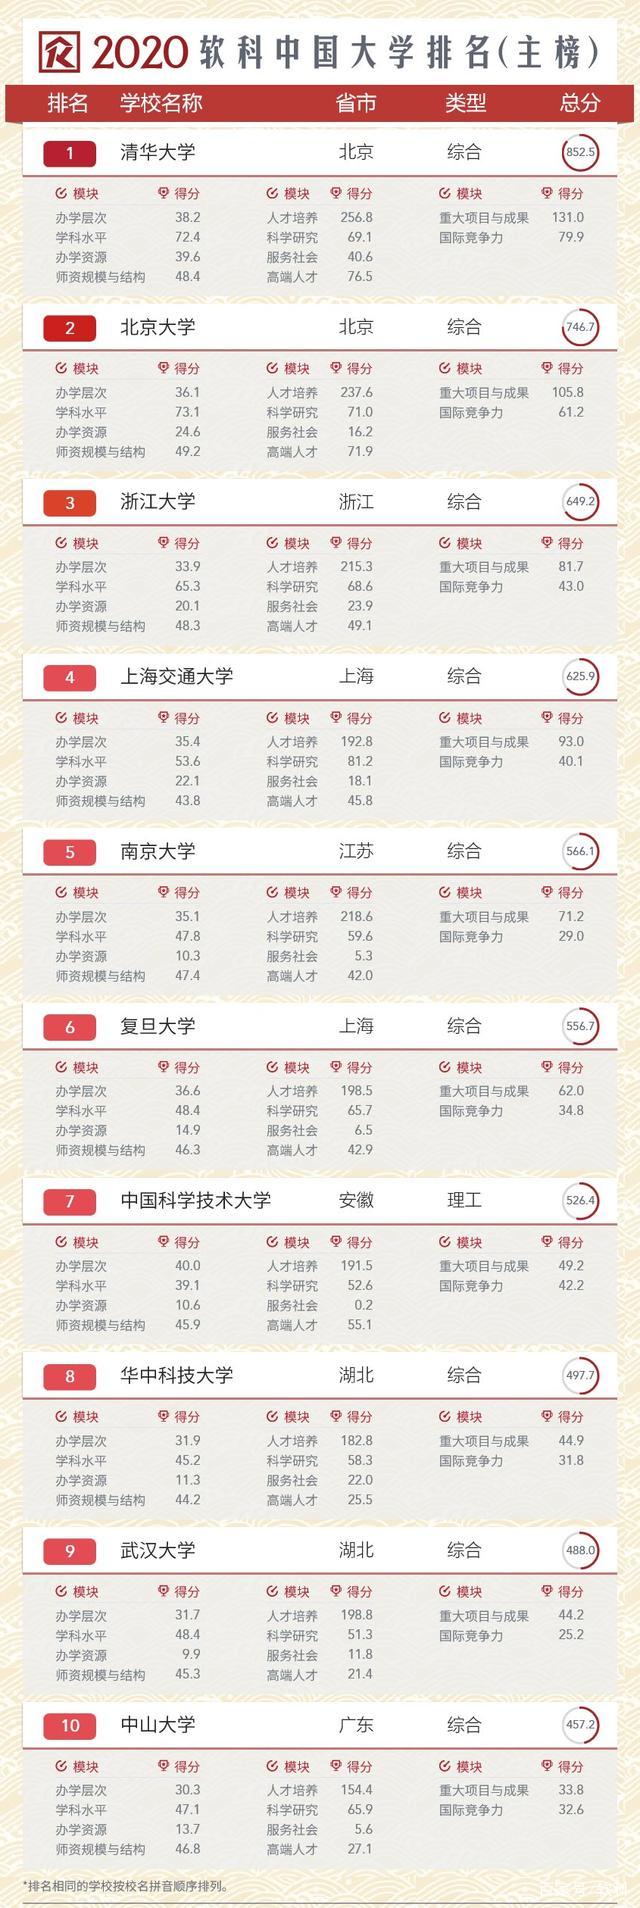 2020华中科技大学招新帖